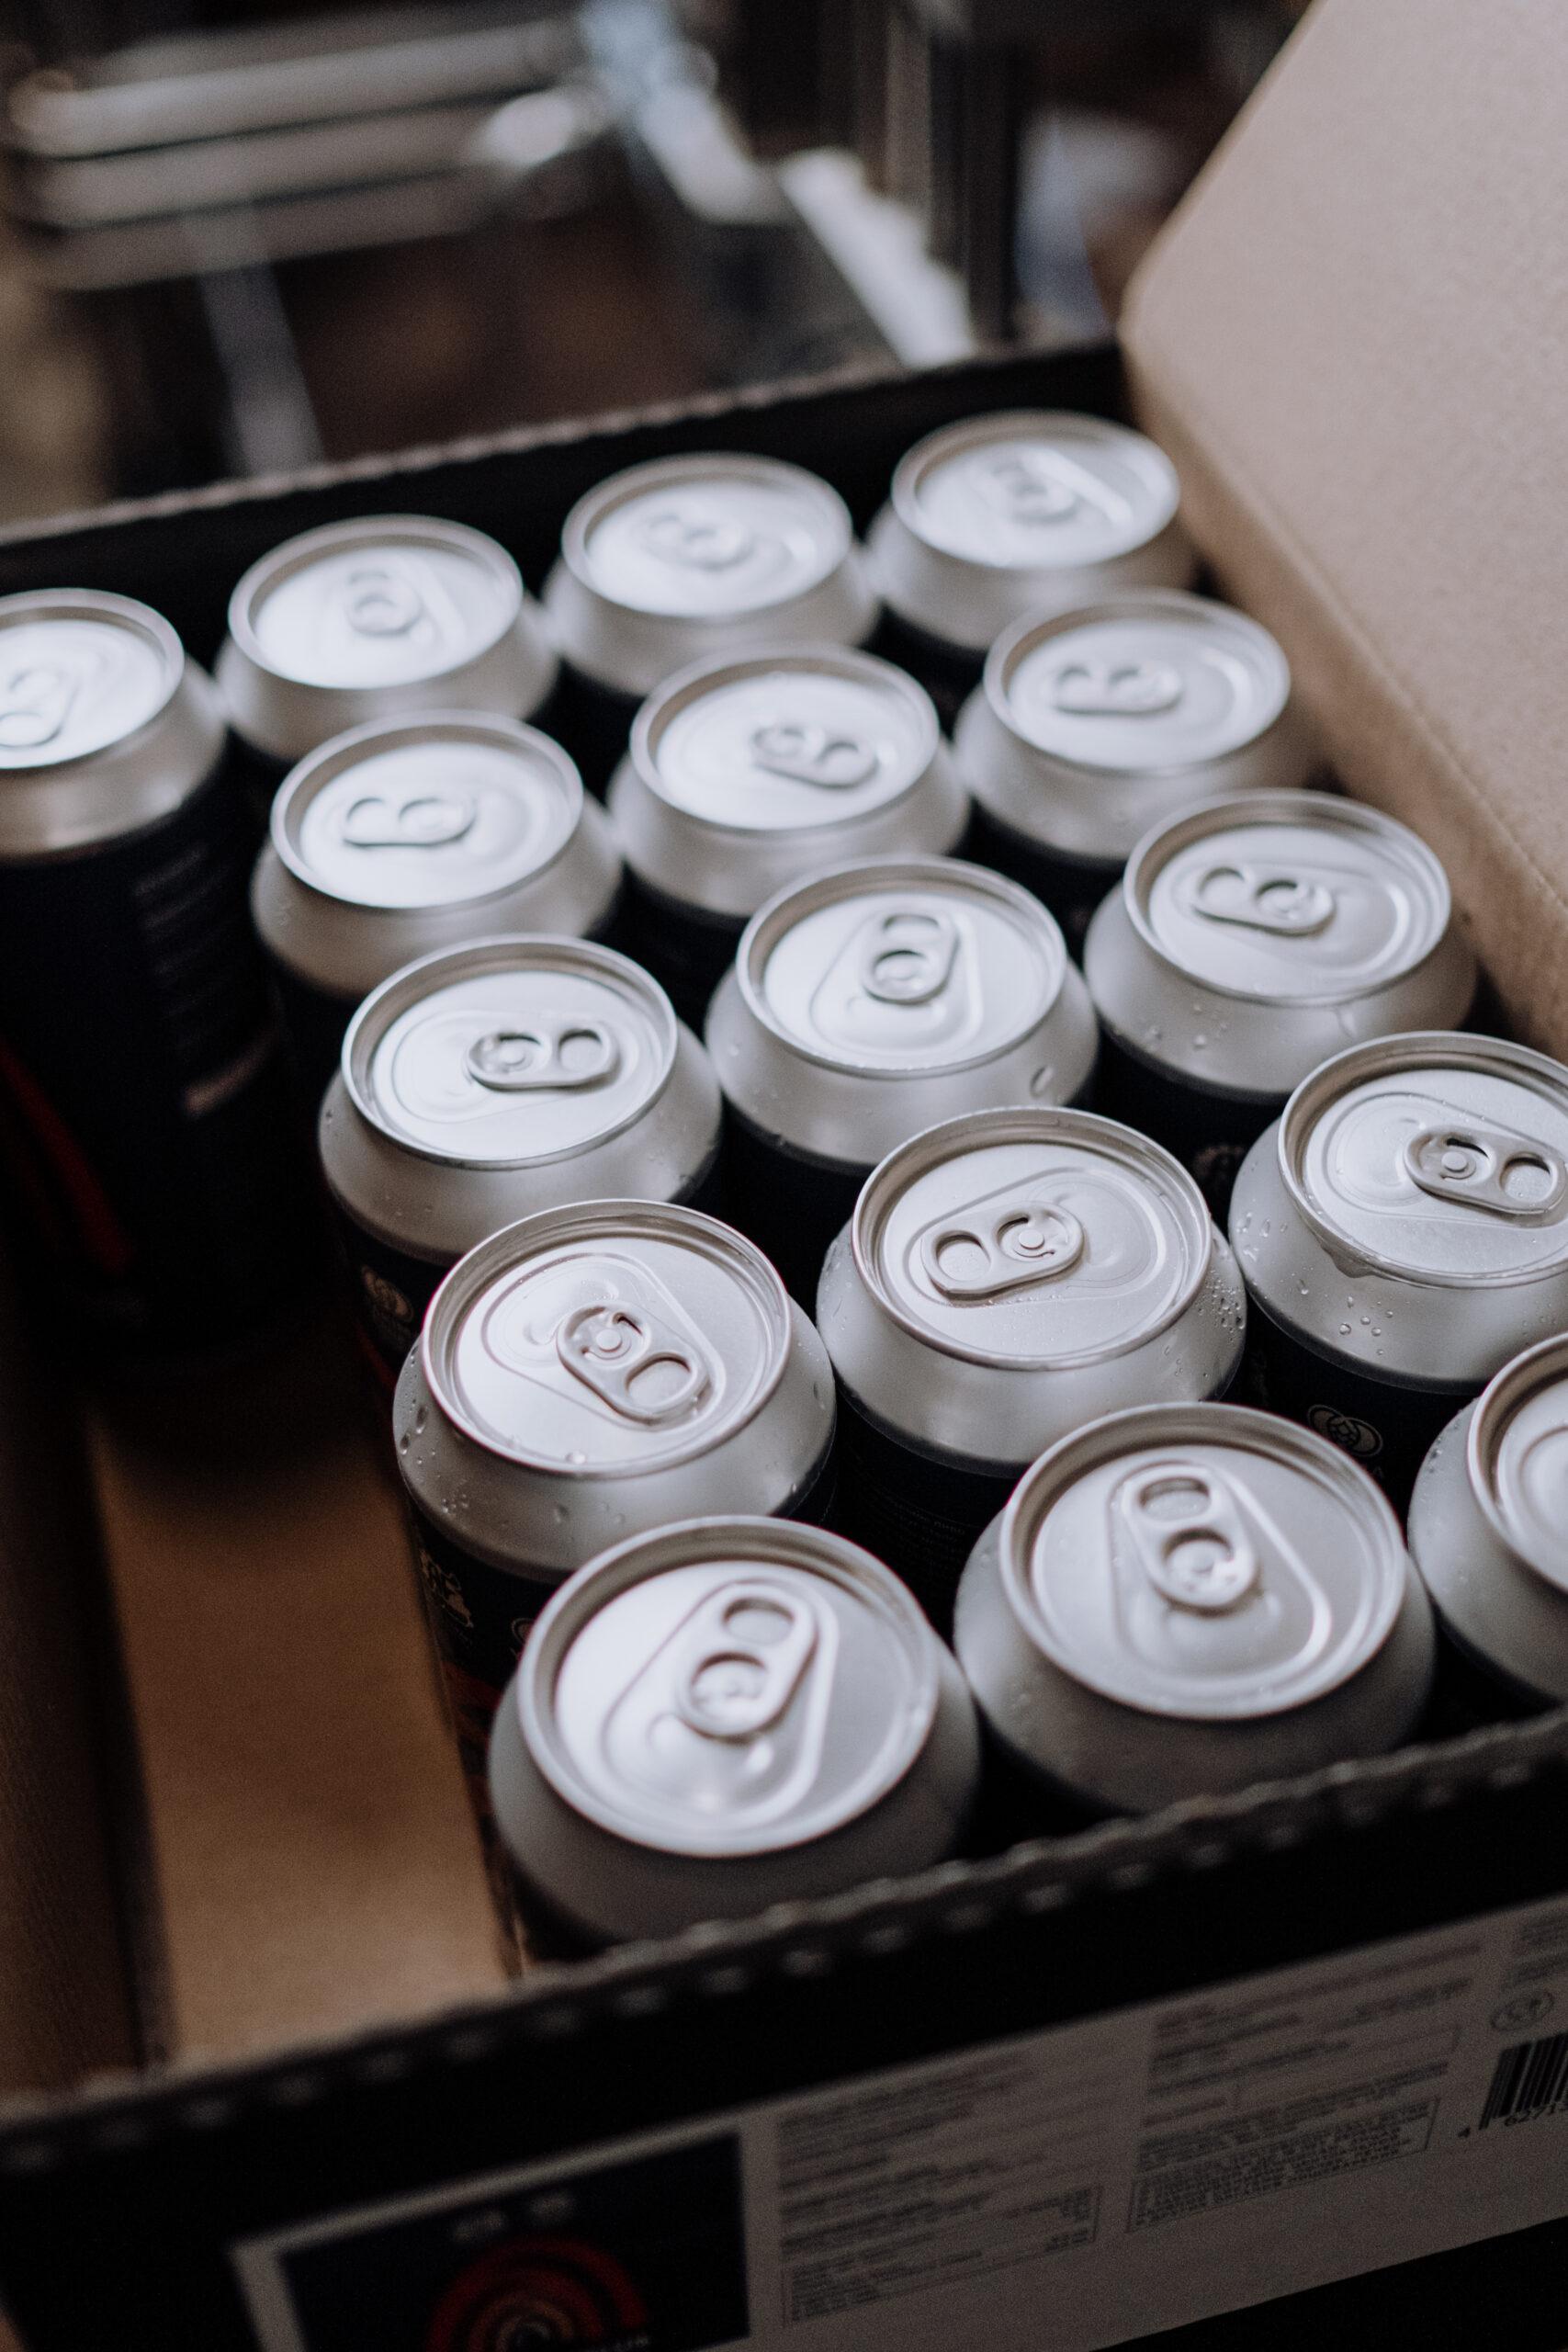 brouwerij verpakkingen